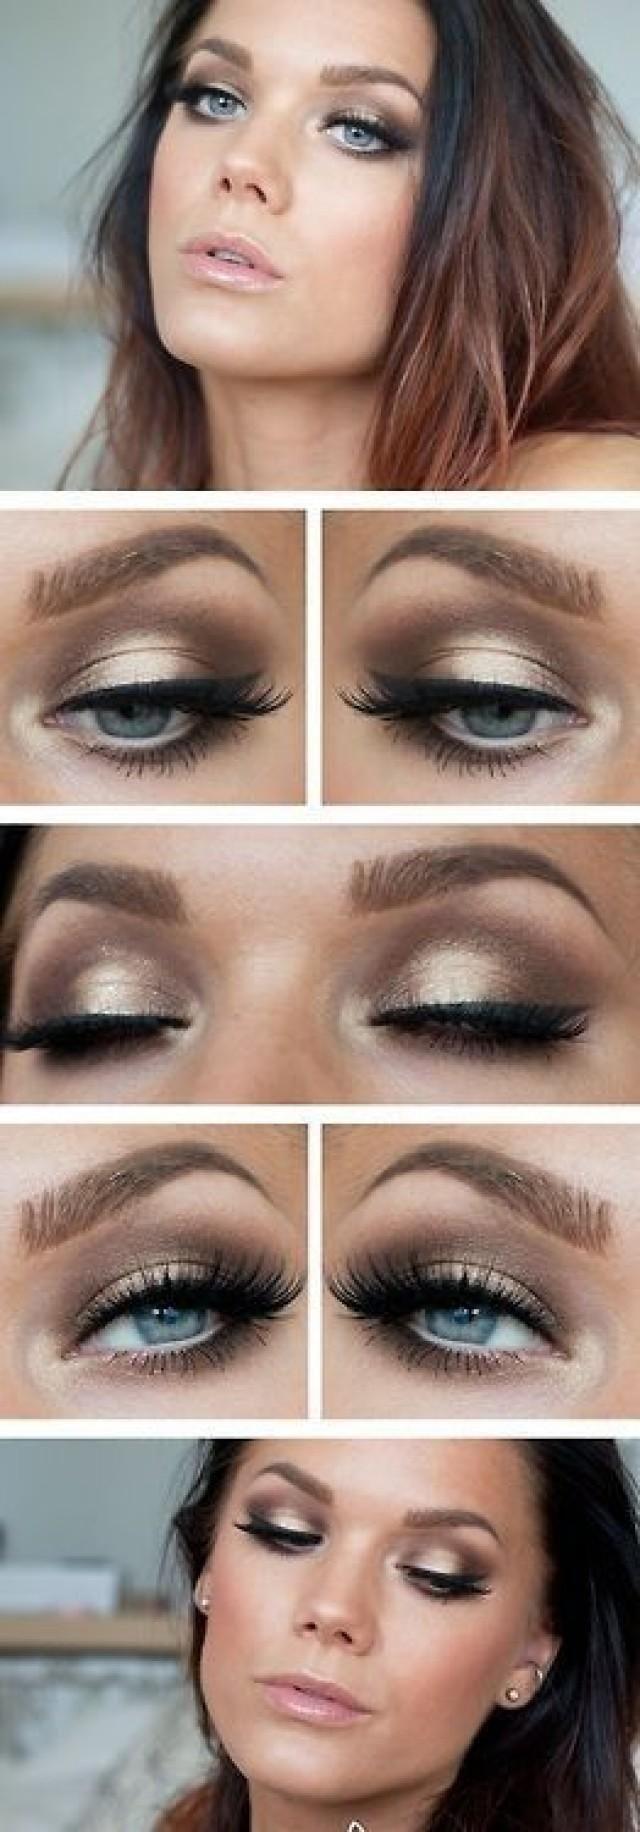 eye makeup eyes eyemakeup bedroomeyes eye